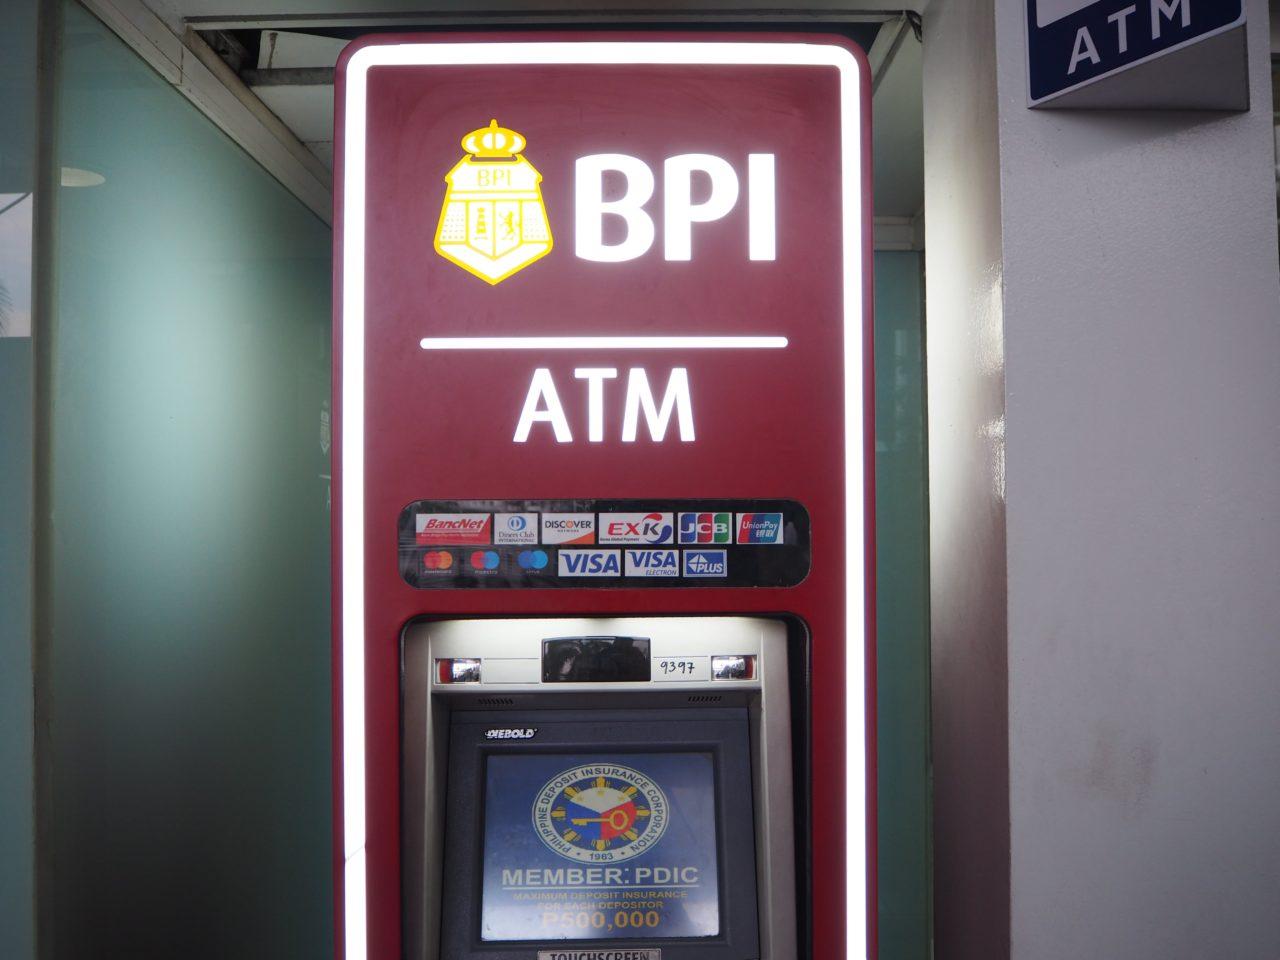 マニラ空港にあるBPIのATM